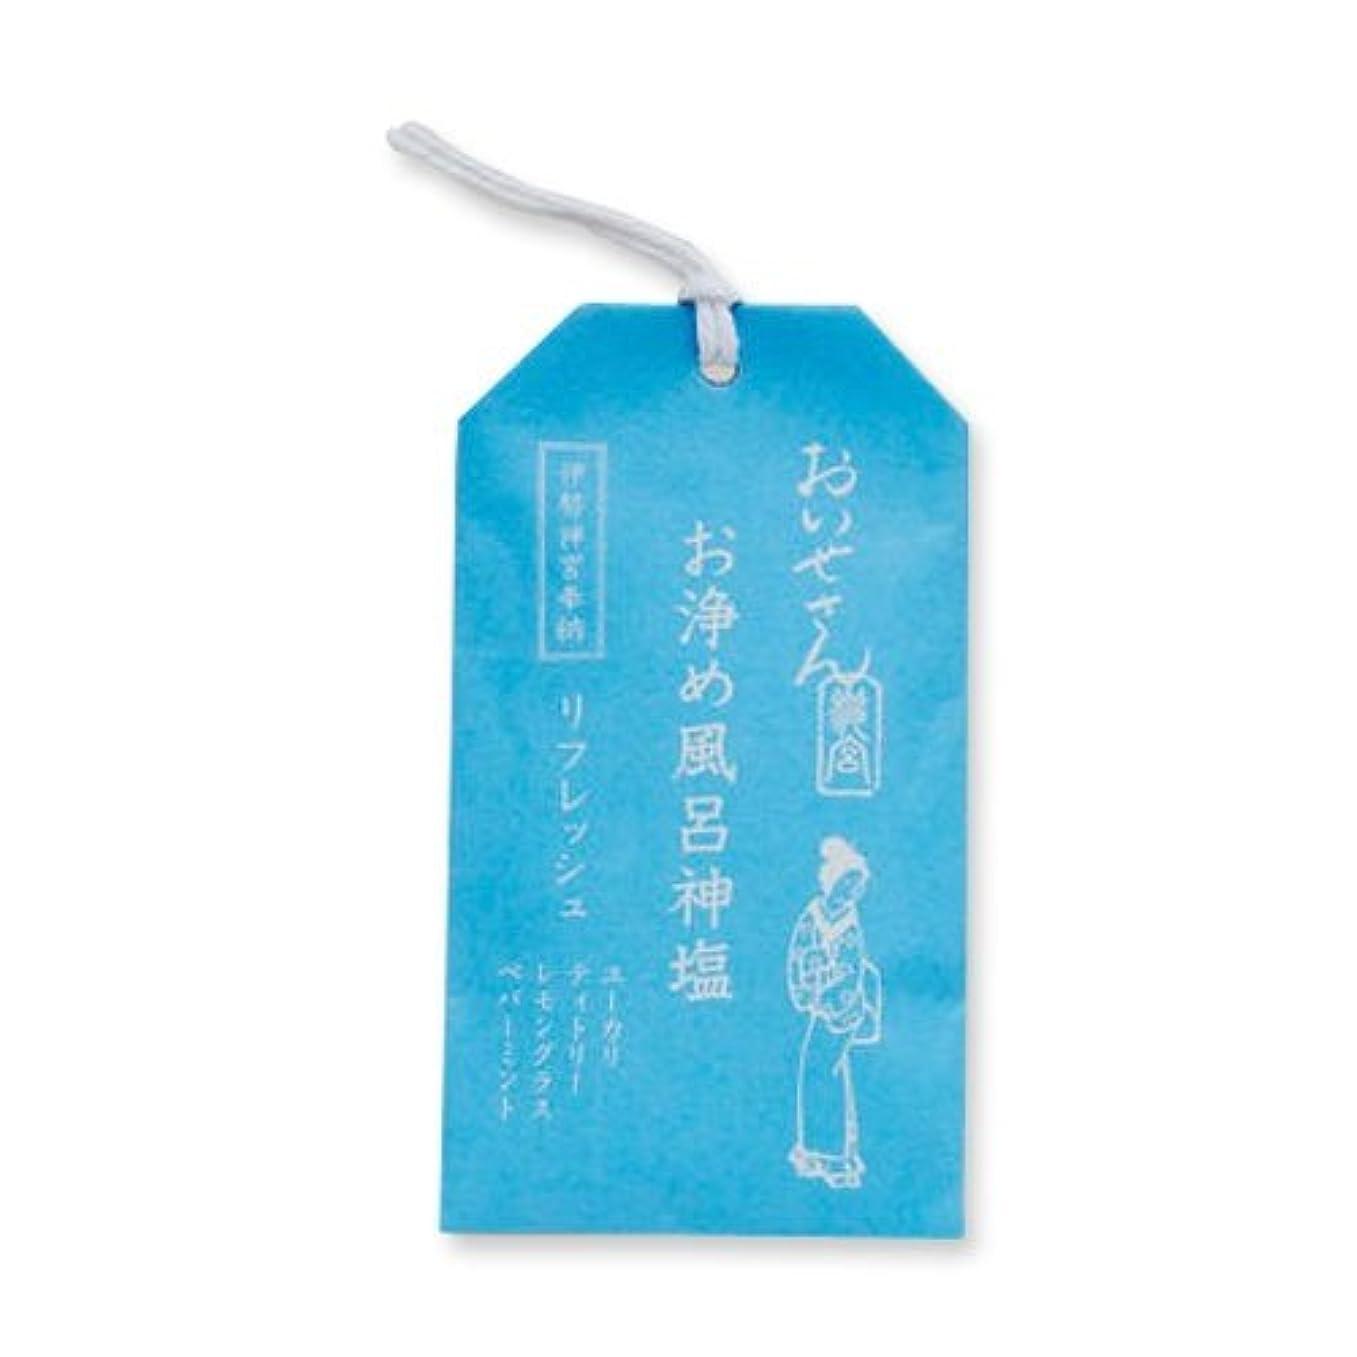 幹経済的クールおいせさん お浄め風呂神塩 バス用ソルト(リフレッシュ) 20g